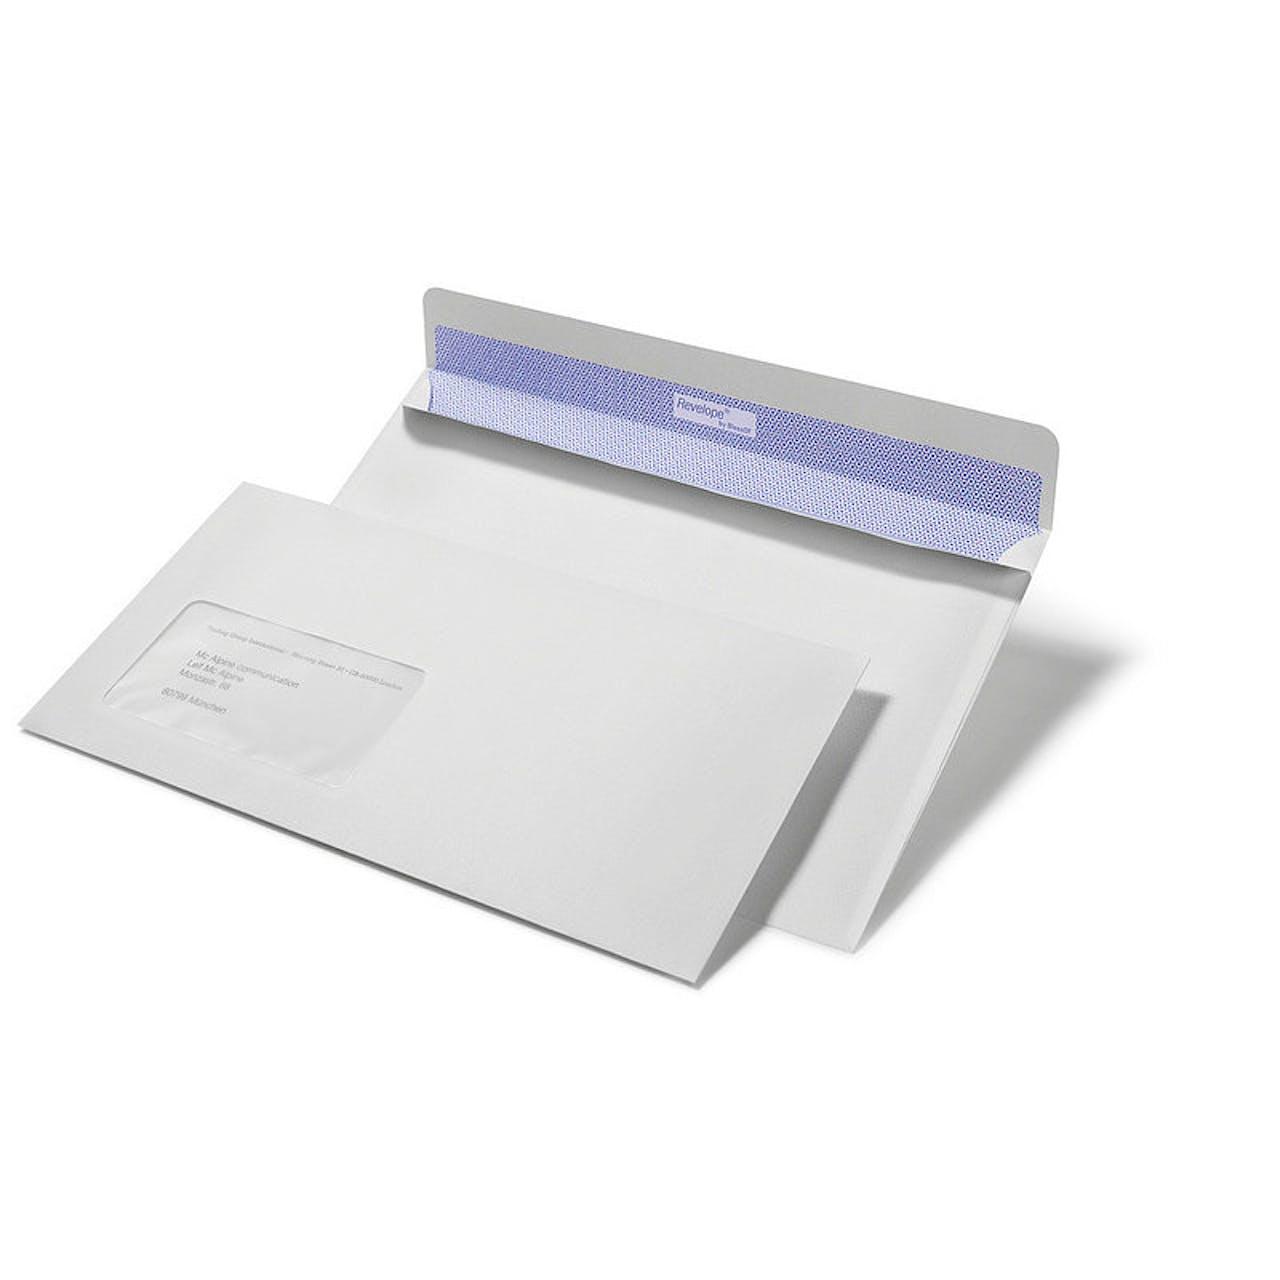 Briefumschlag Revelope®